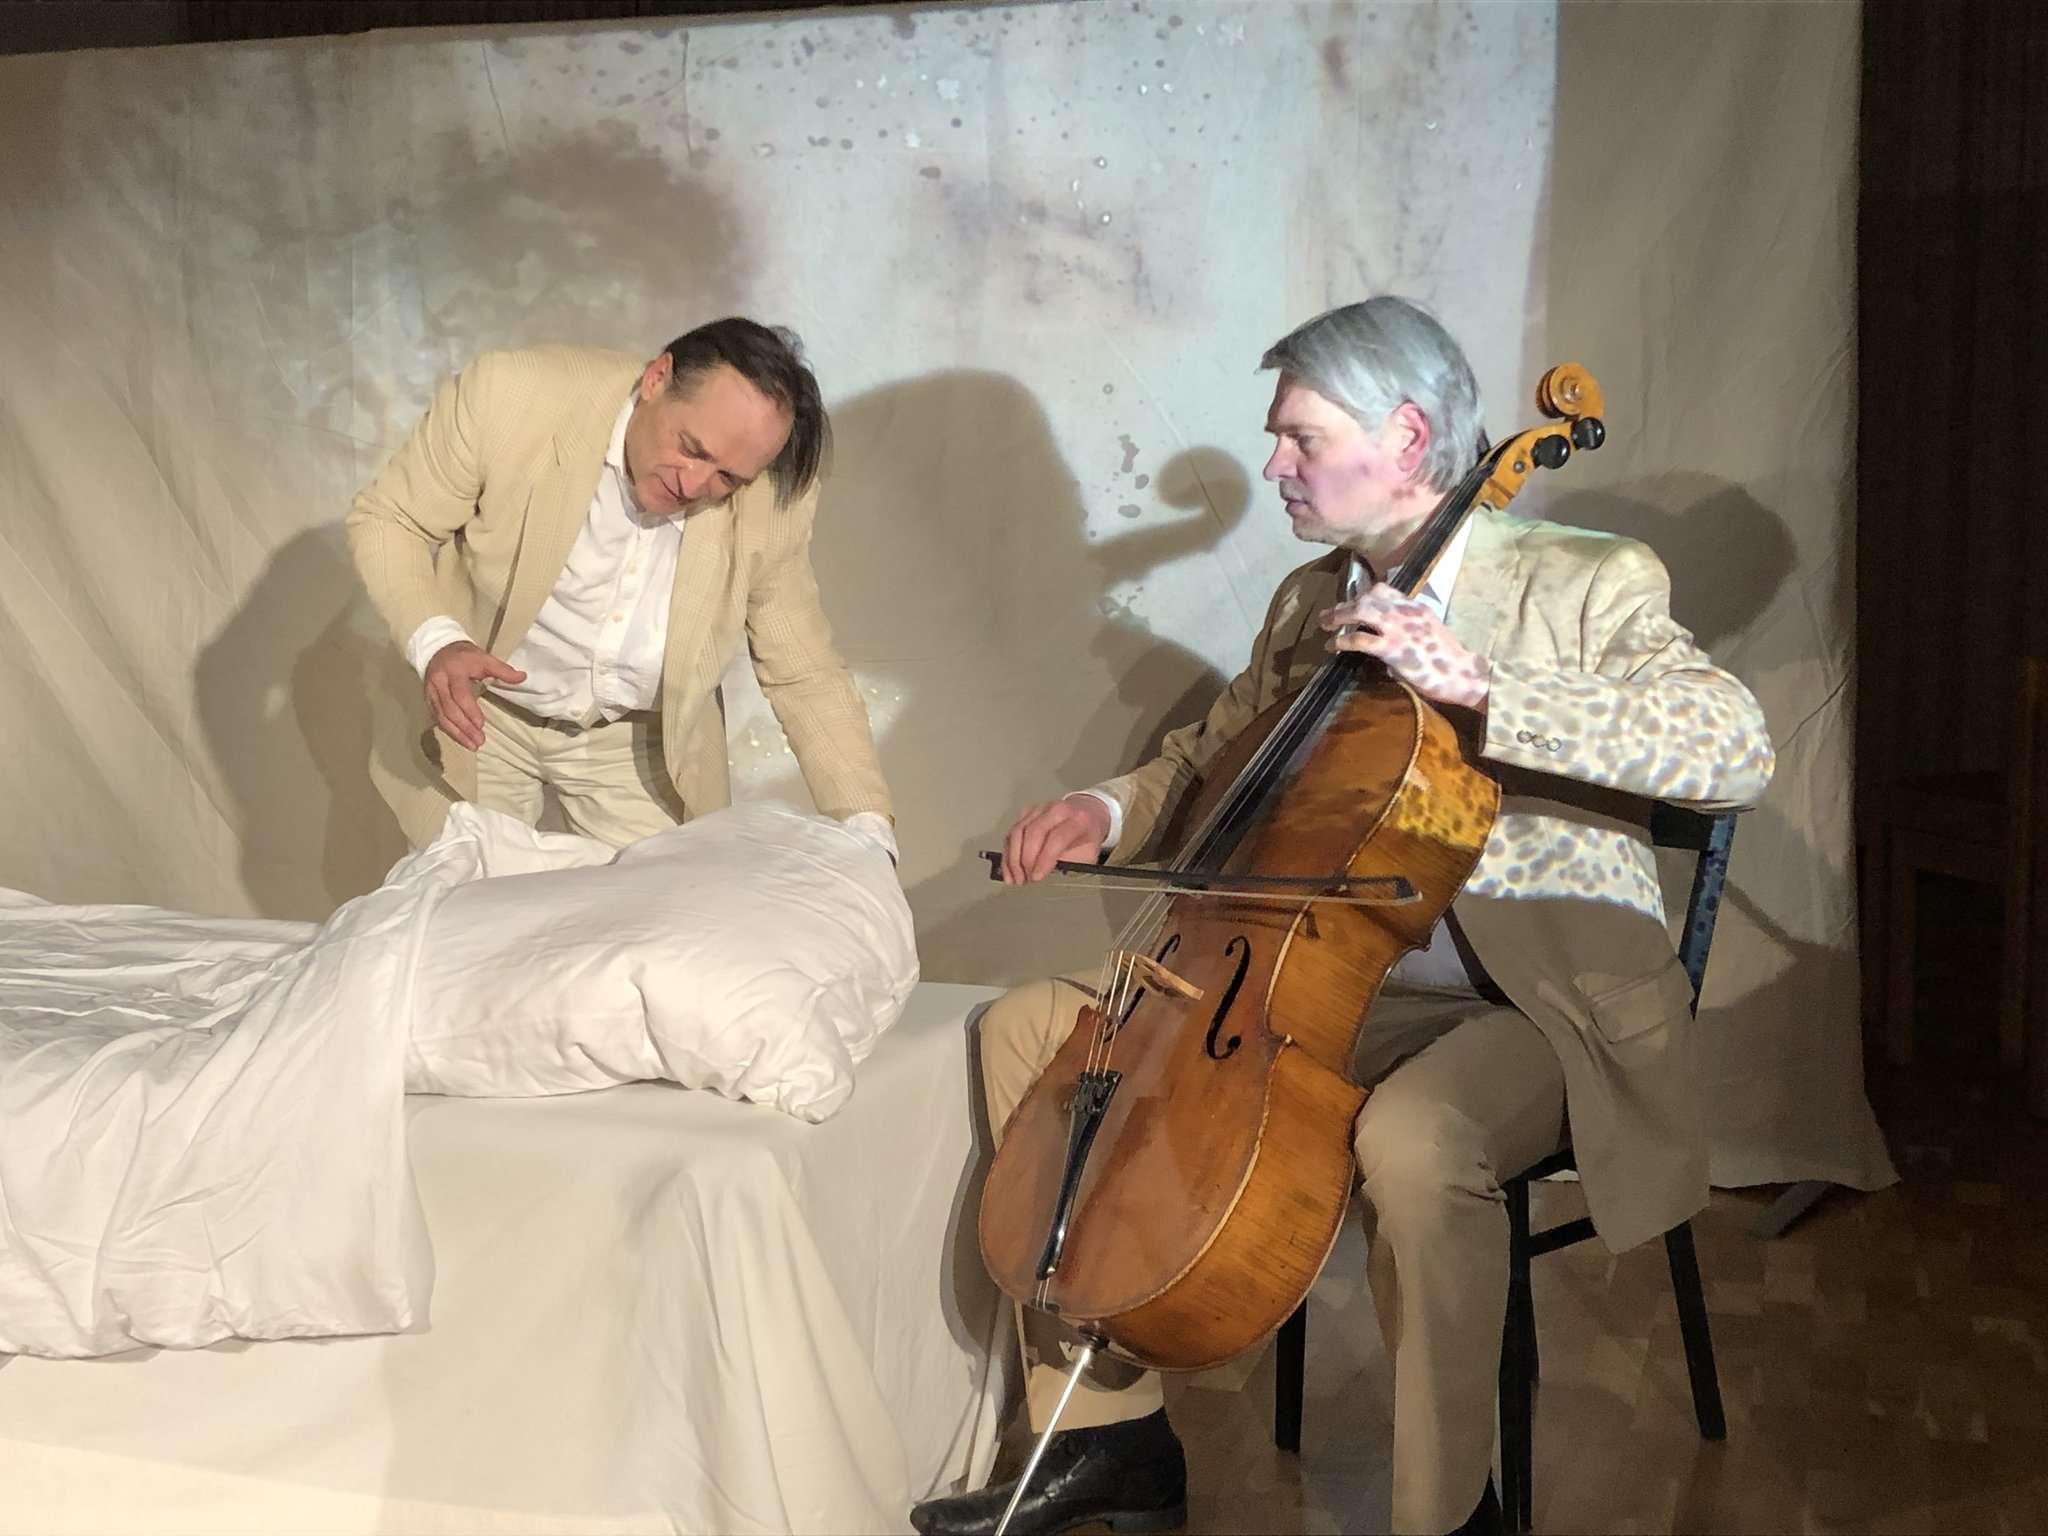 Martin Leßmann (links) verkörperte in einer grandiosen Aufführung Mutter und Sohn in einer szenischen Abfolge. Gero John begleitete die Aufführung musikalisch. Foto: Elke Keppler Rosenau